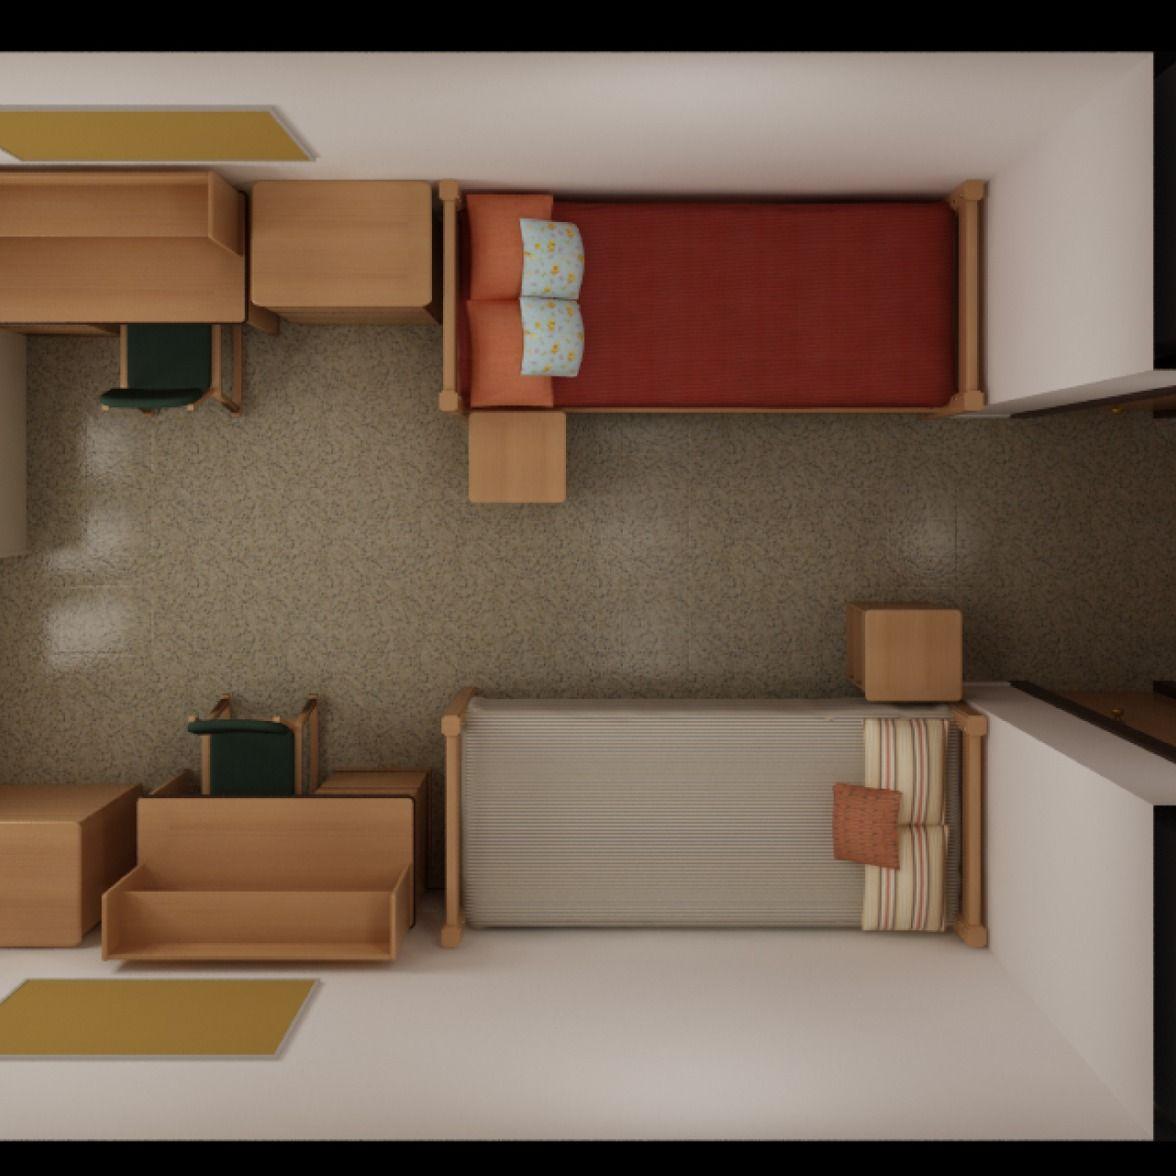 texas state laurel hall floor plan bedroom size 10 u0027 x 13